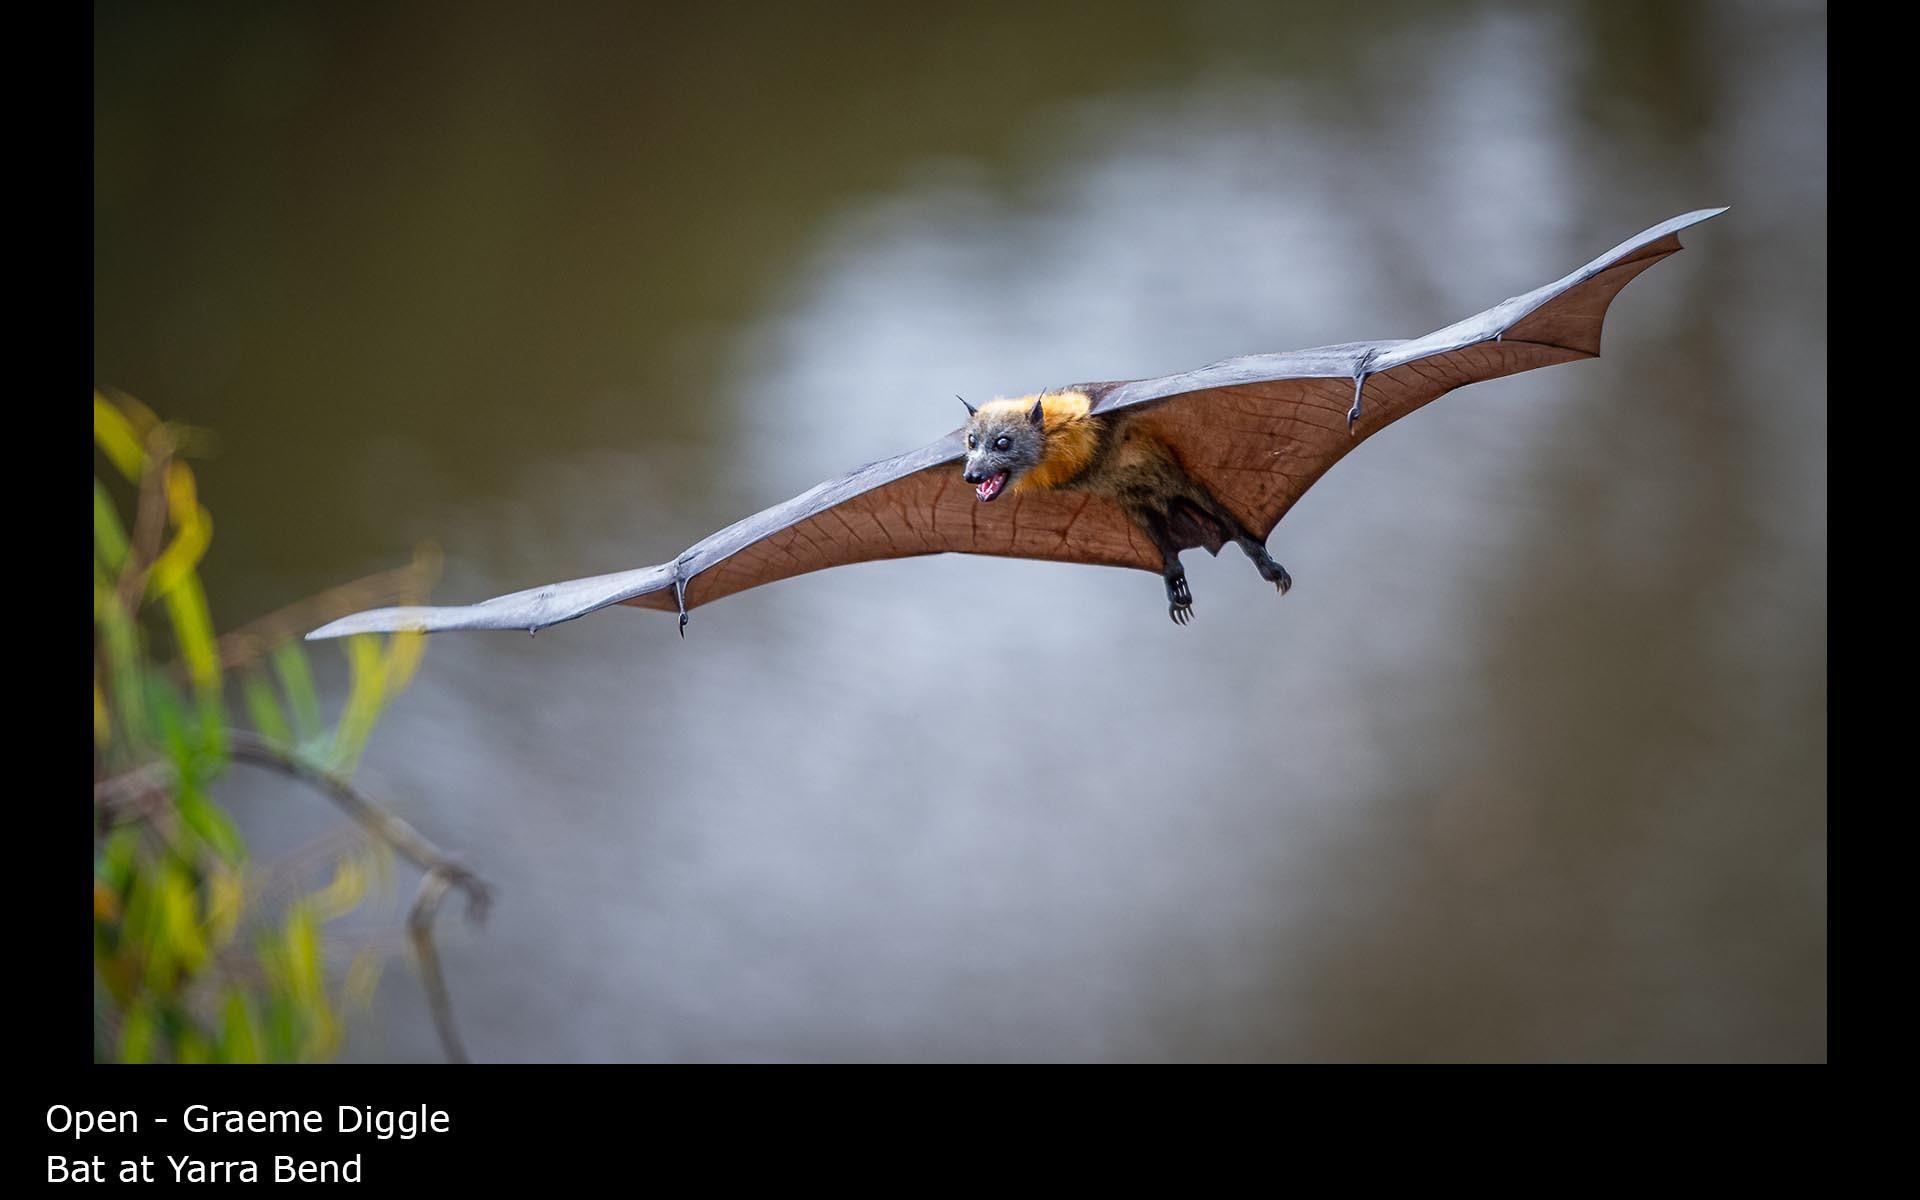 Bat at Yarra Bend - Graeme Diggle